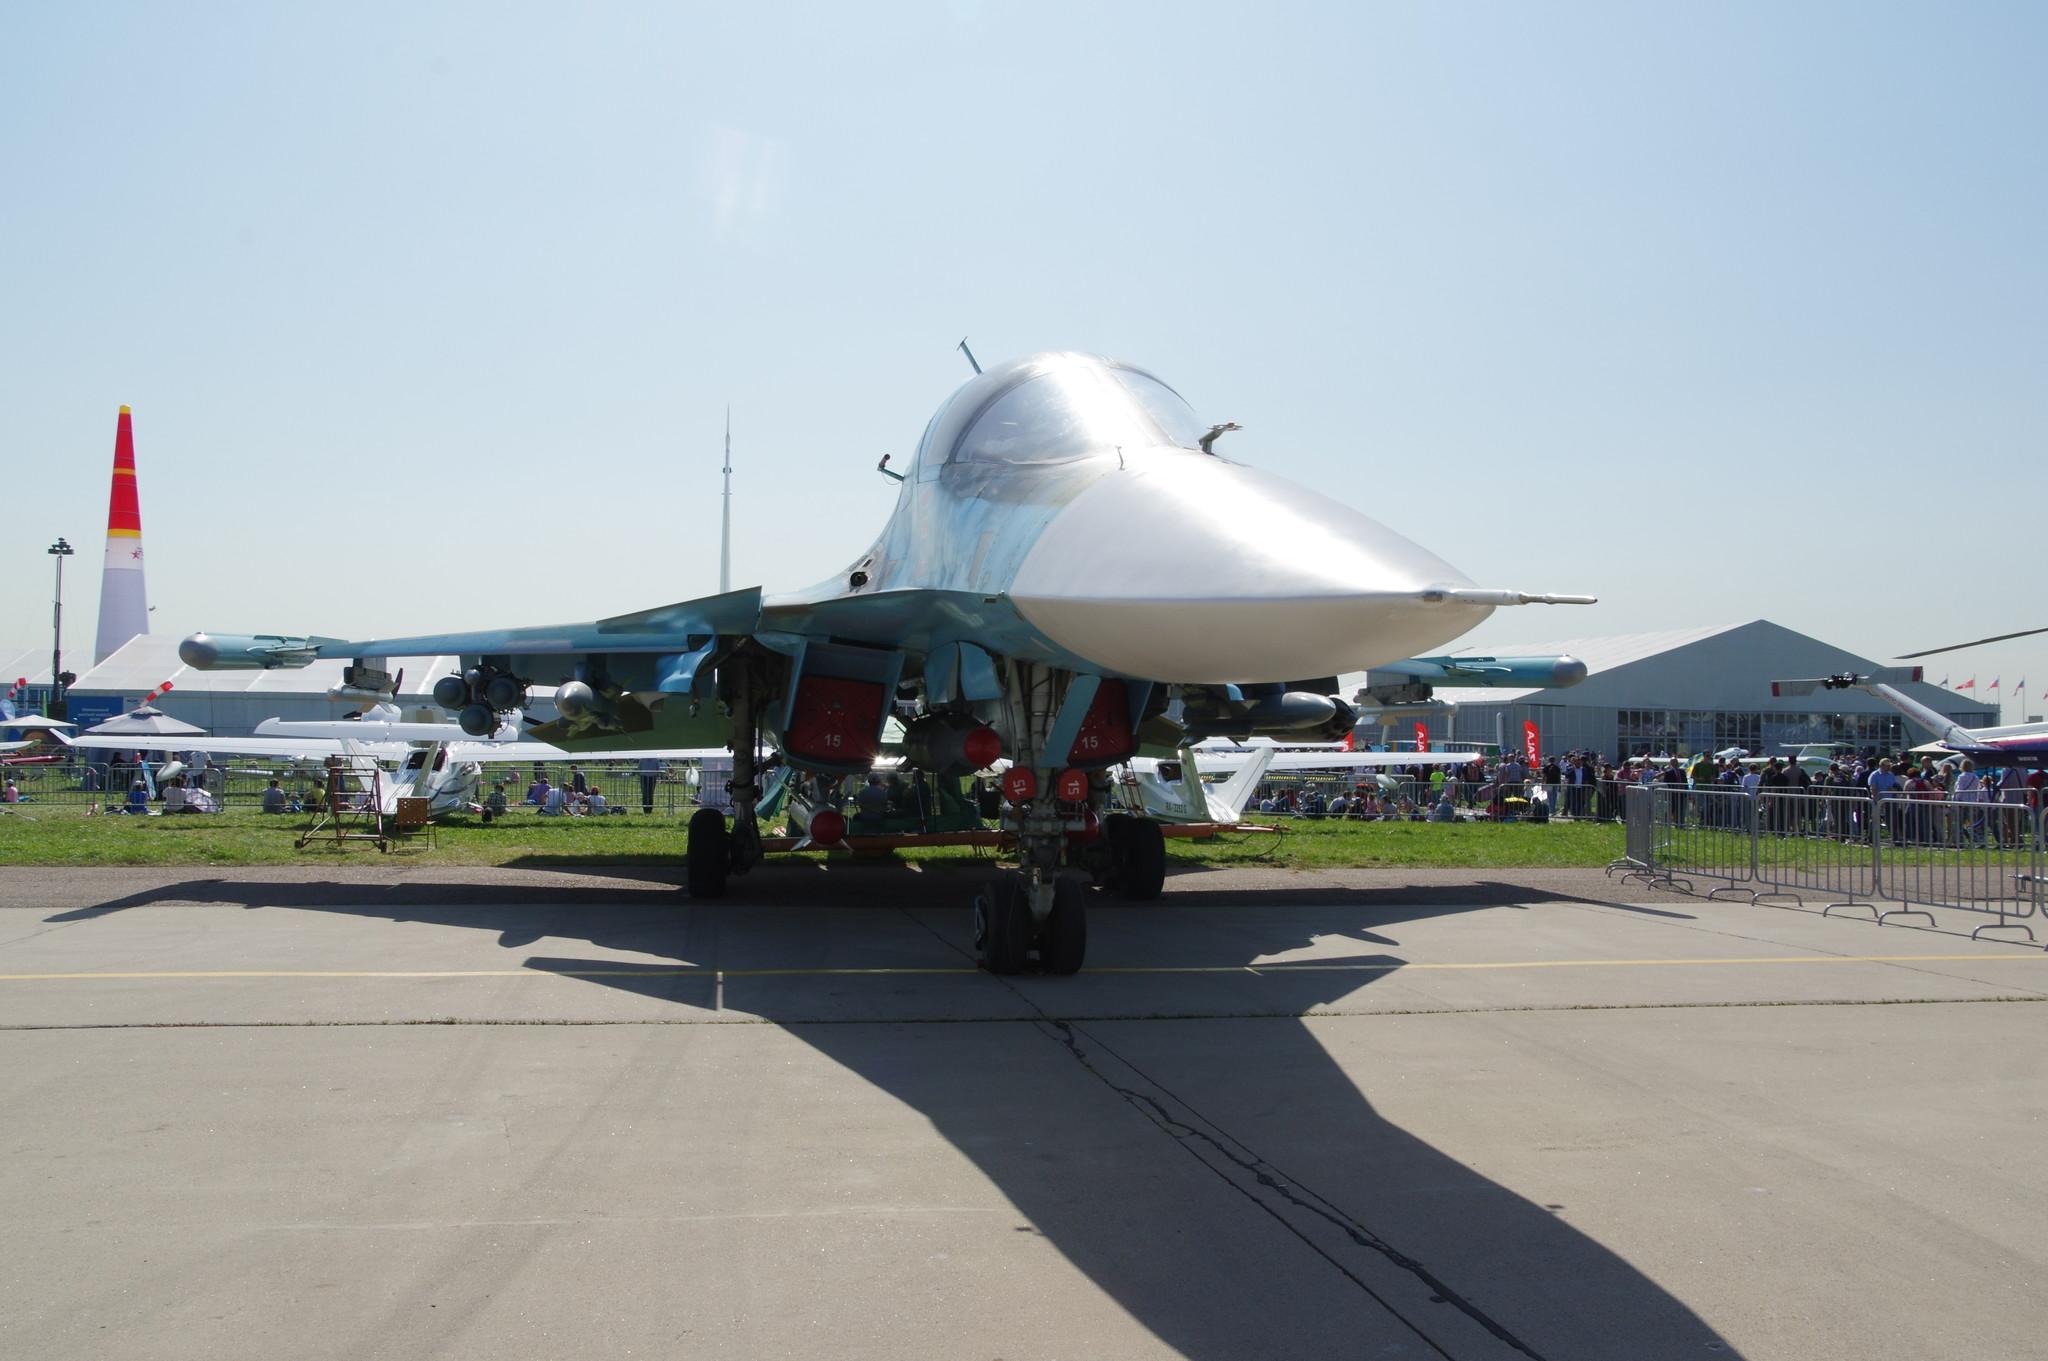 Двухместный многофункциональный истребитель-бомбардировщик Су-32